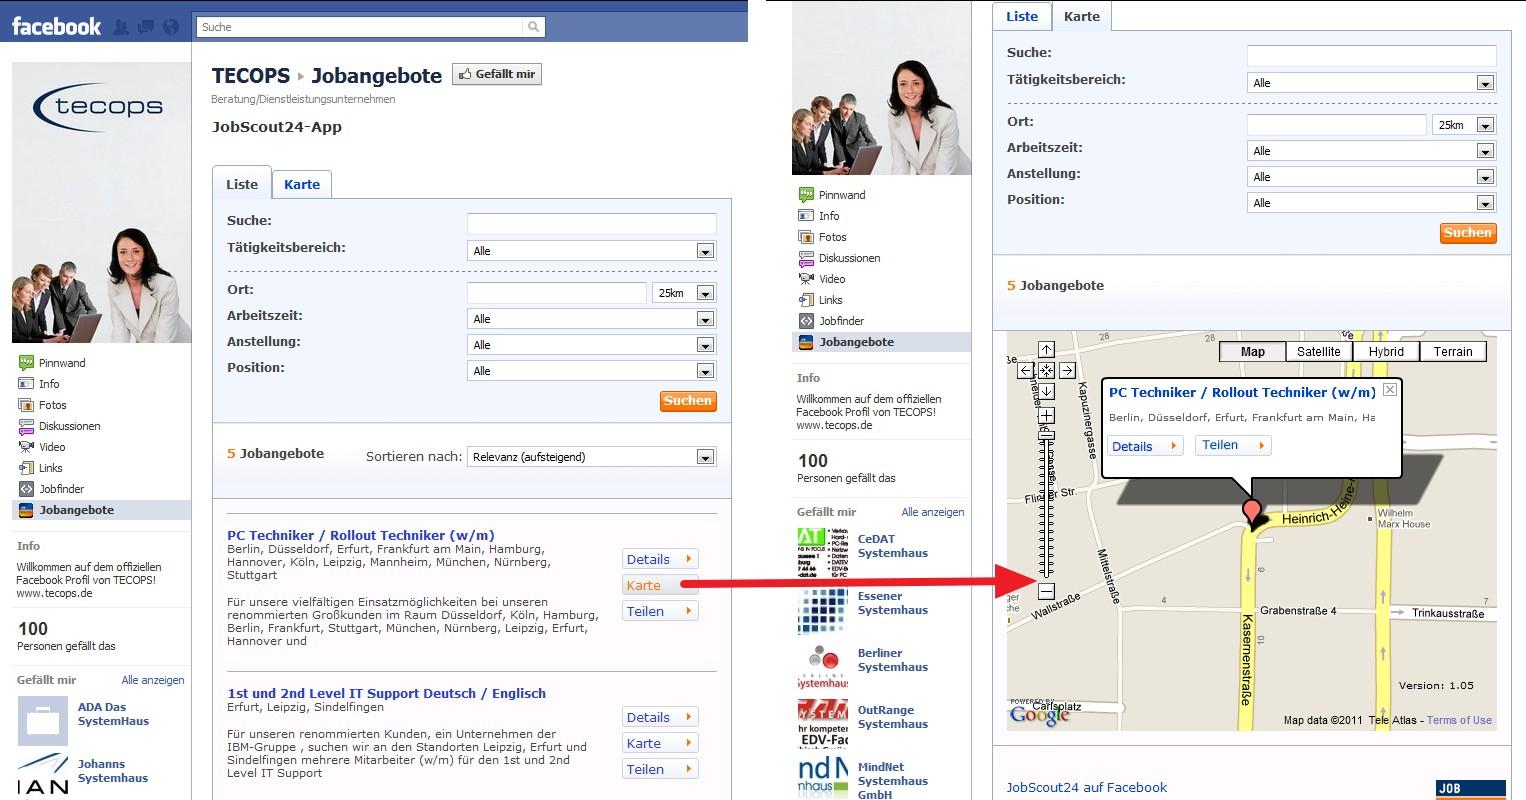 Jobscout24 JobApp im Einsatz bei TECOPS